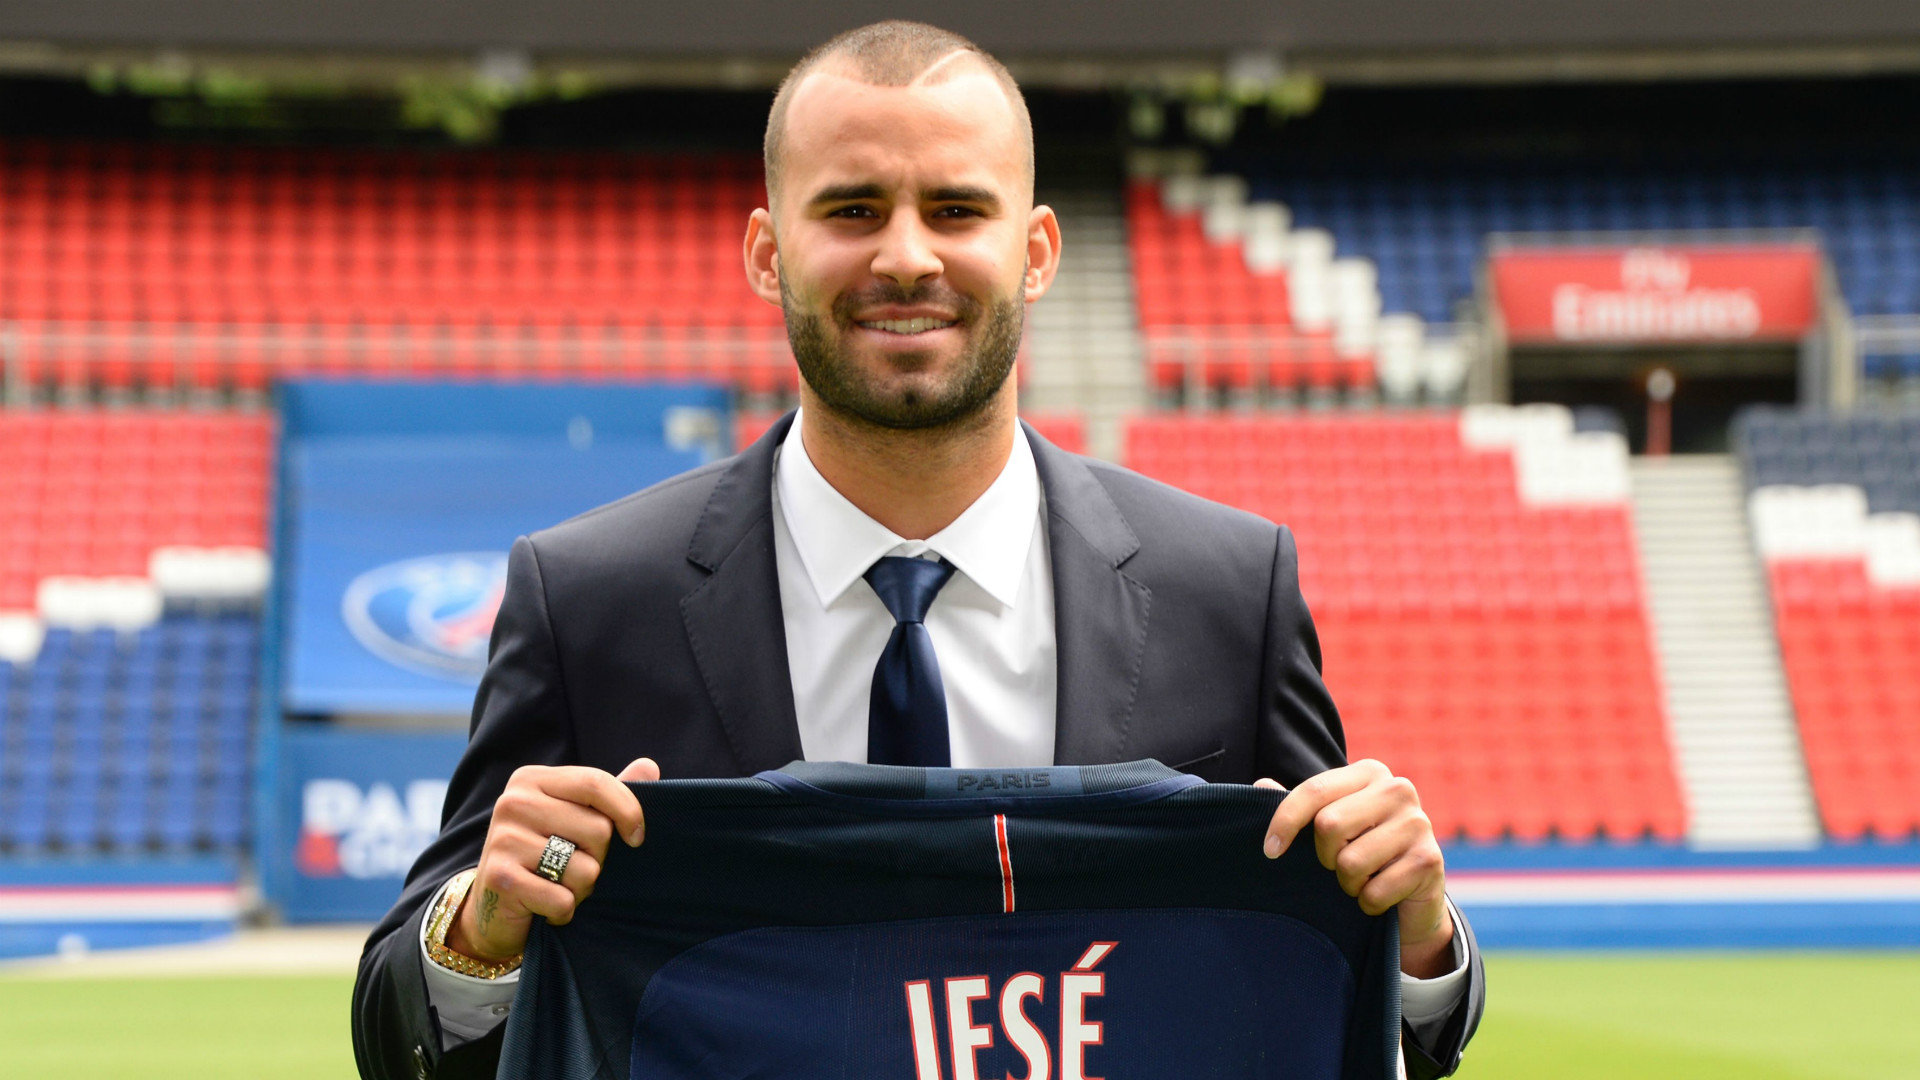 Jese PSG Paris Saint-Germain